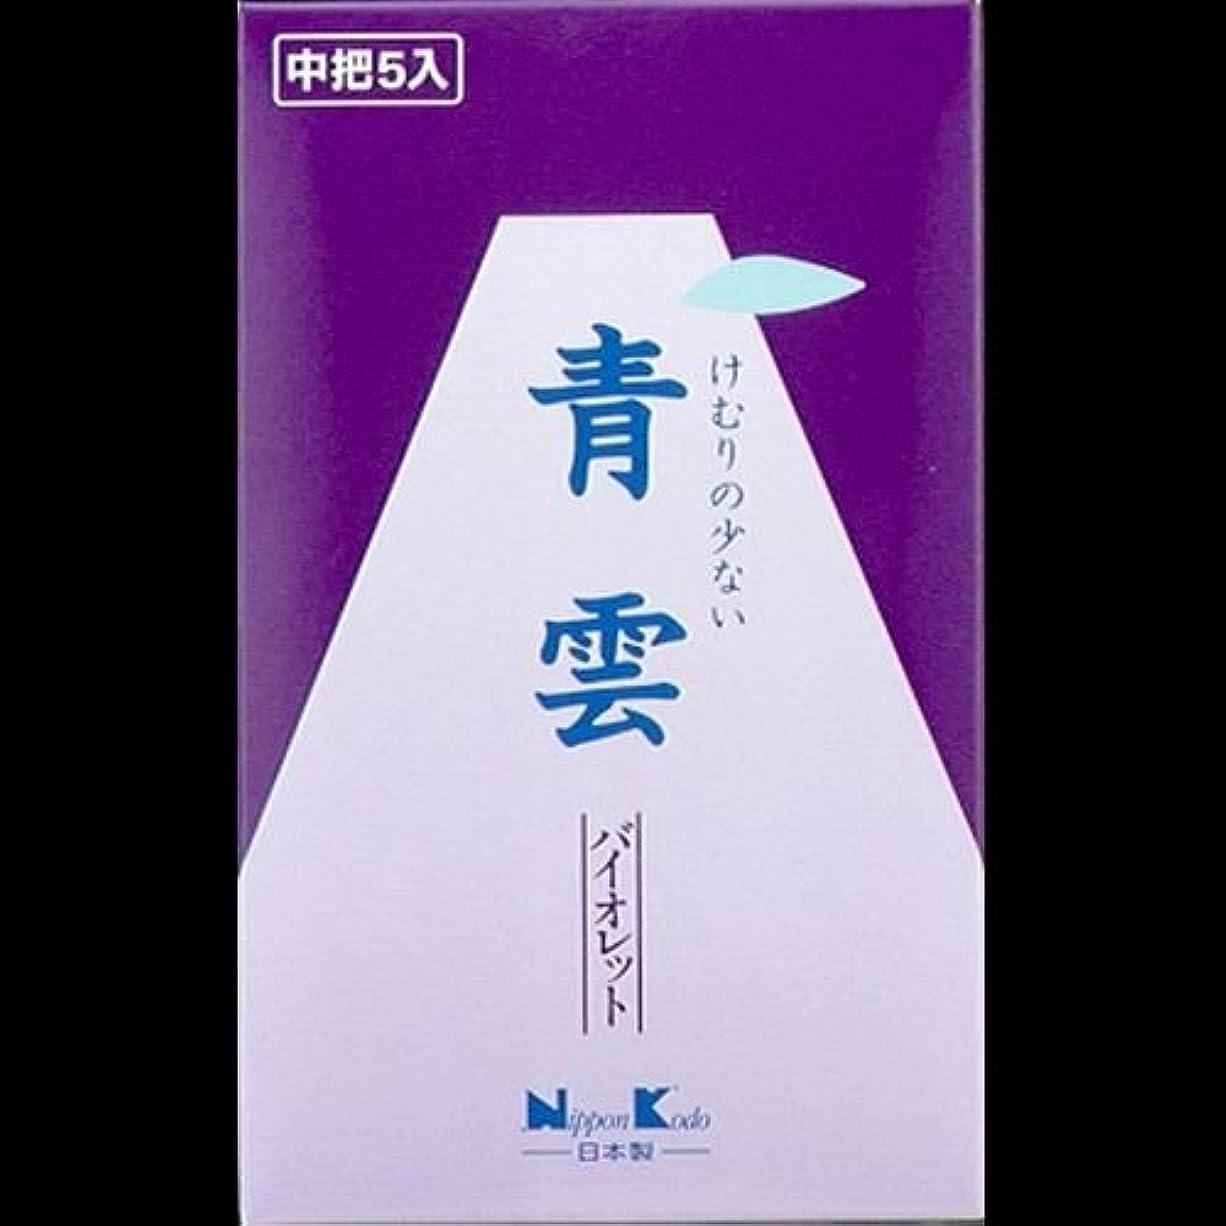 識別チャンピオン移民【まとめ買い】青雲 バイオレット 中把5入 19gx5 ×2セット